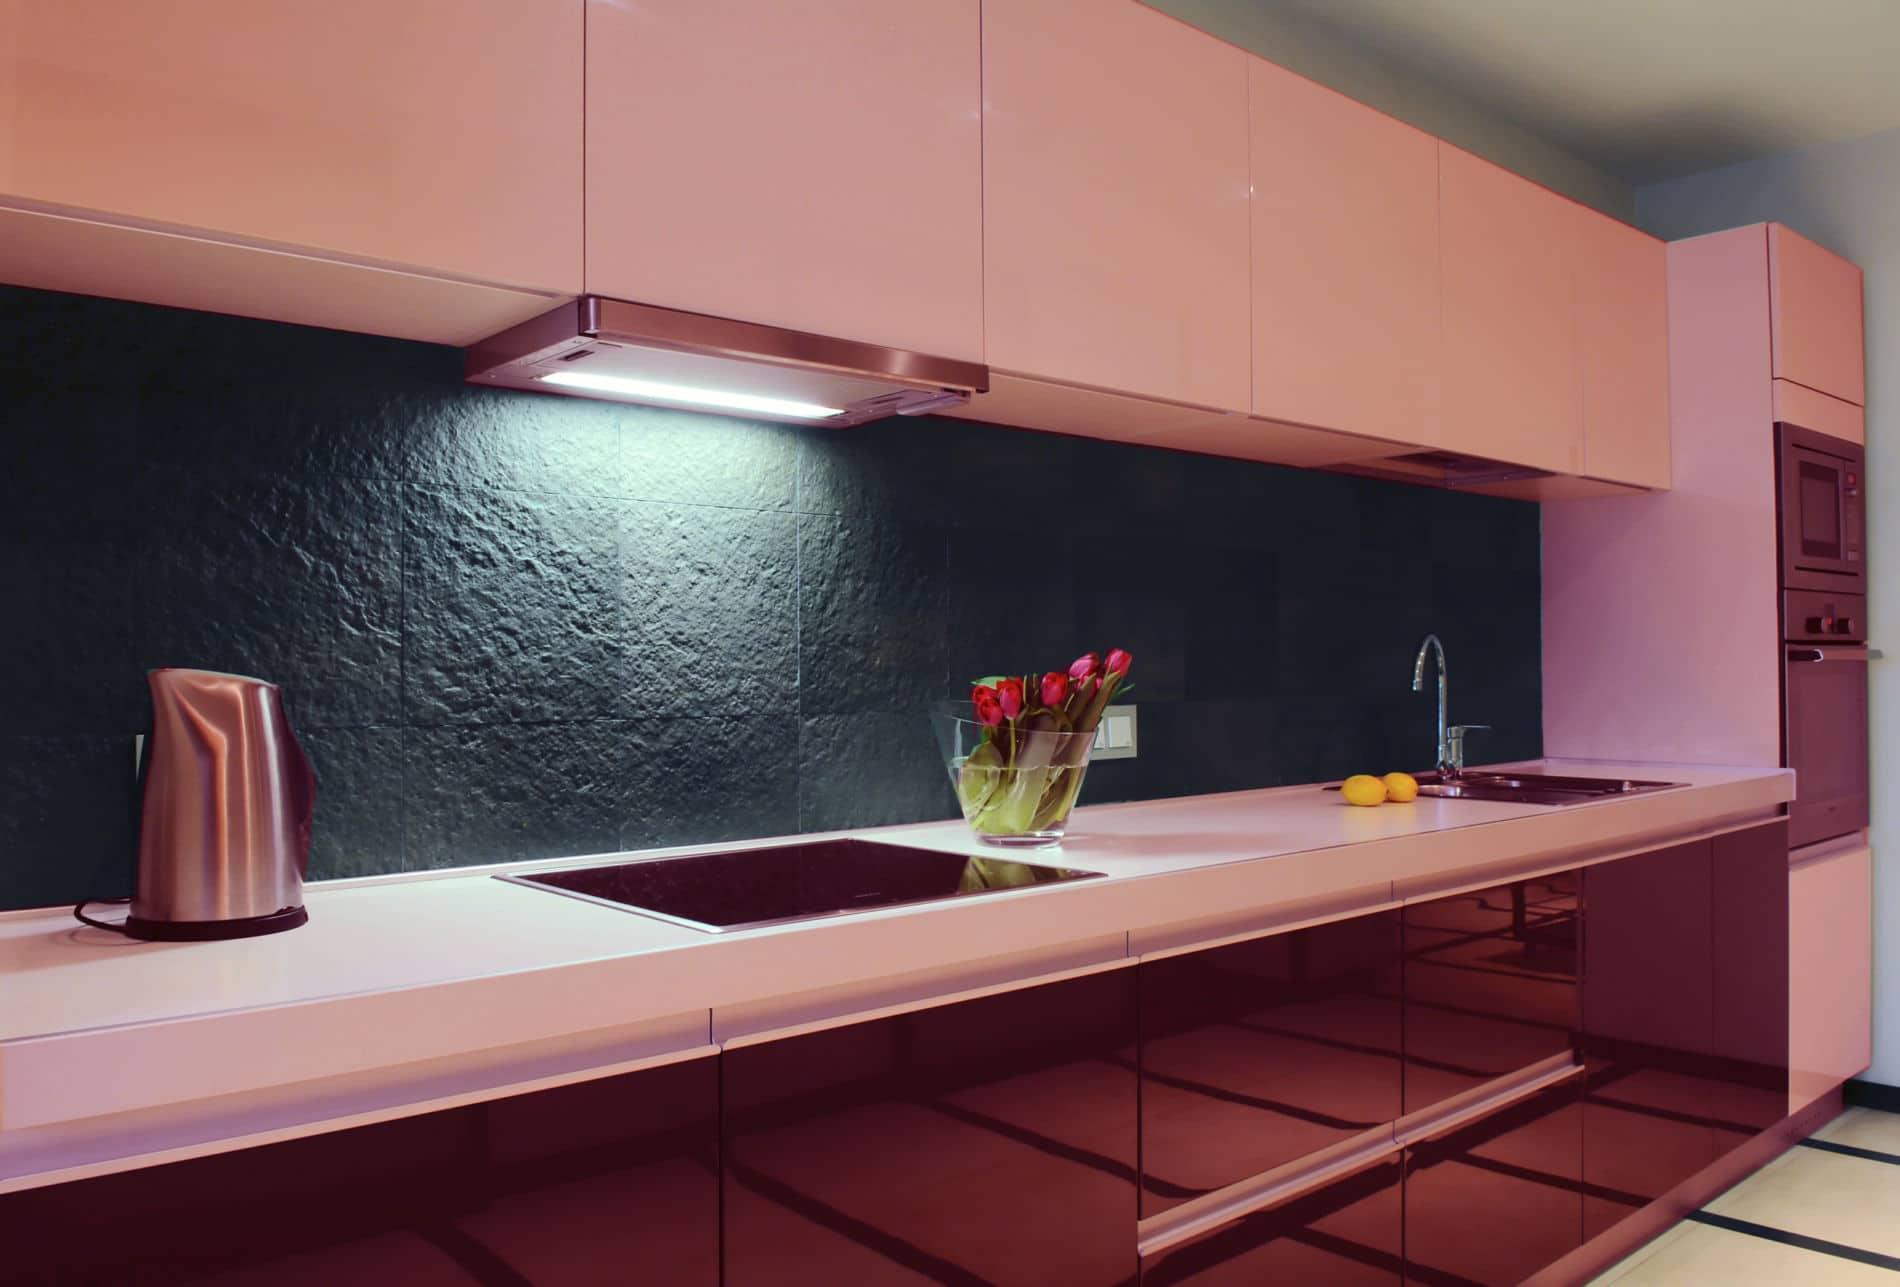 מטבחים מעץ חברות לעיצוב וייצור שיש למטבחים אדיבים עם מקצועיות ומיומנות ועם הרבה מוטיבציה שיודעים לתת שירות אדיב ומקצועי, שמומחים לשירותי ייצור ועיצוב מטבחים תוך כדי שימוש בחומרים מעולים